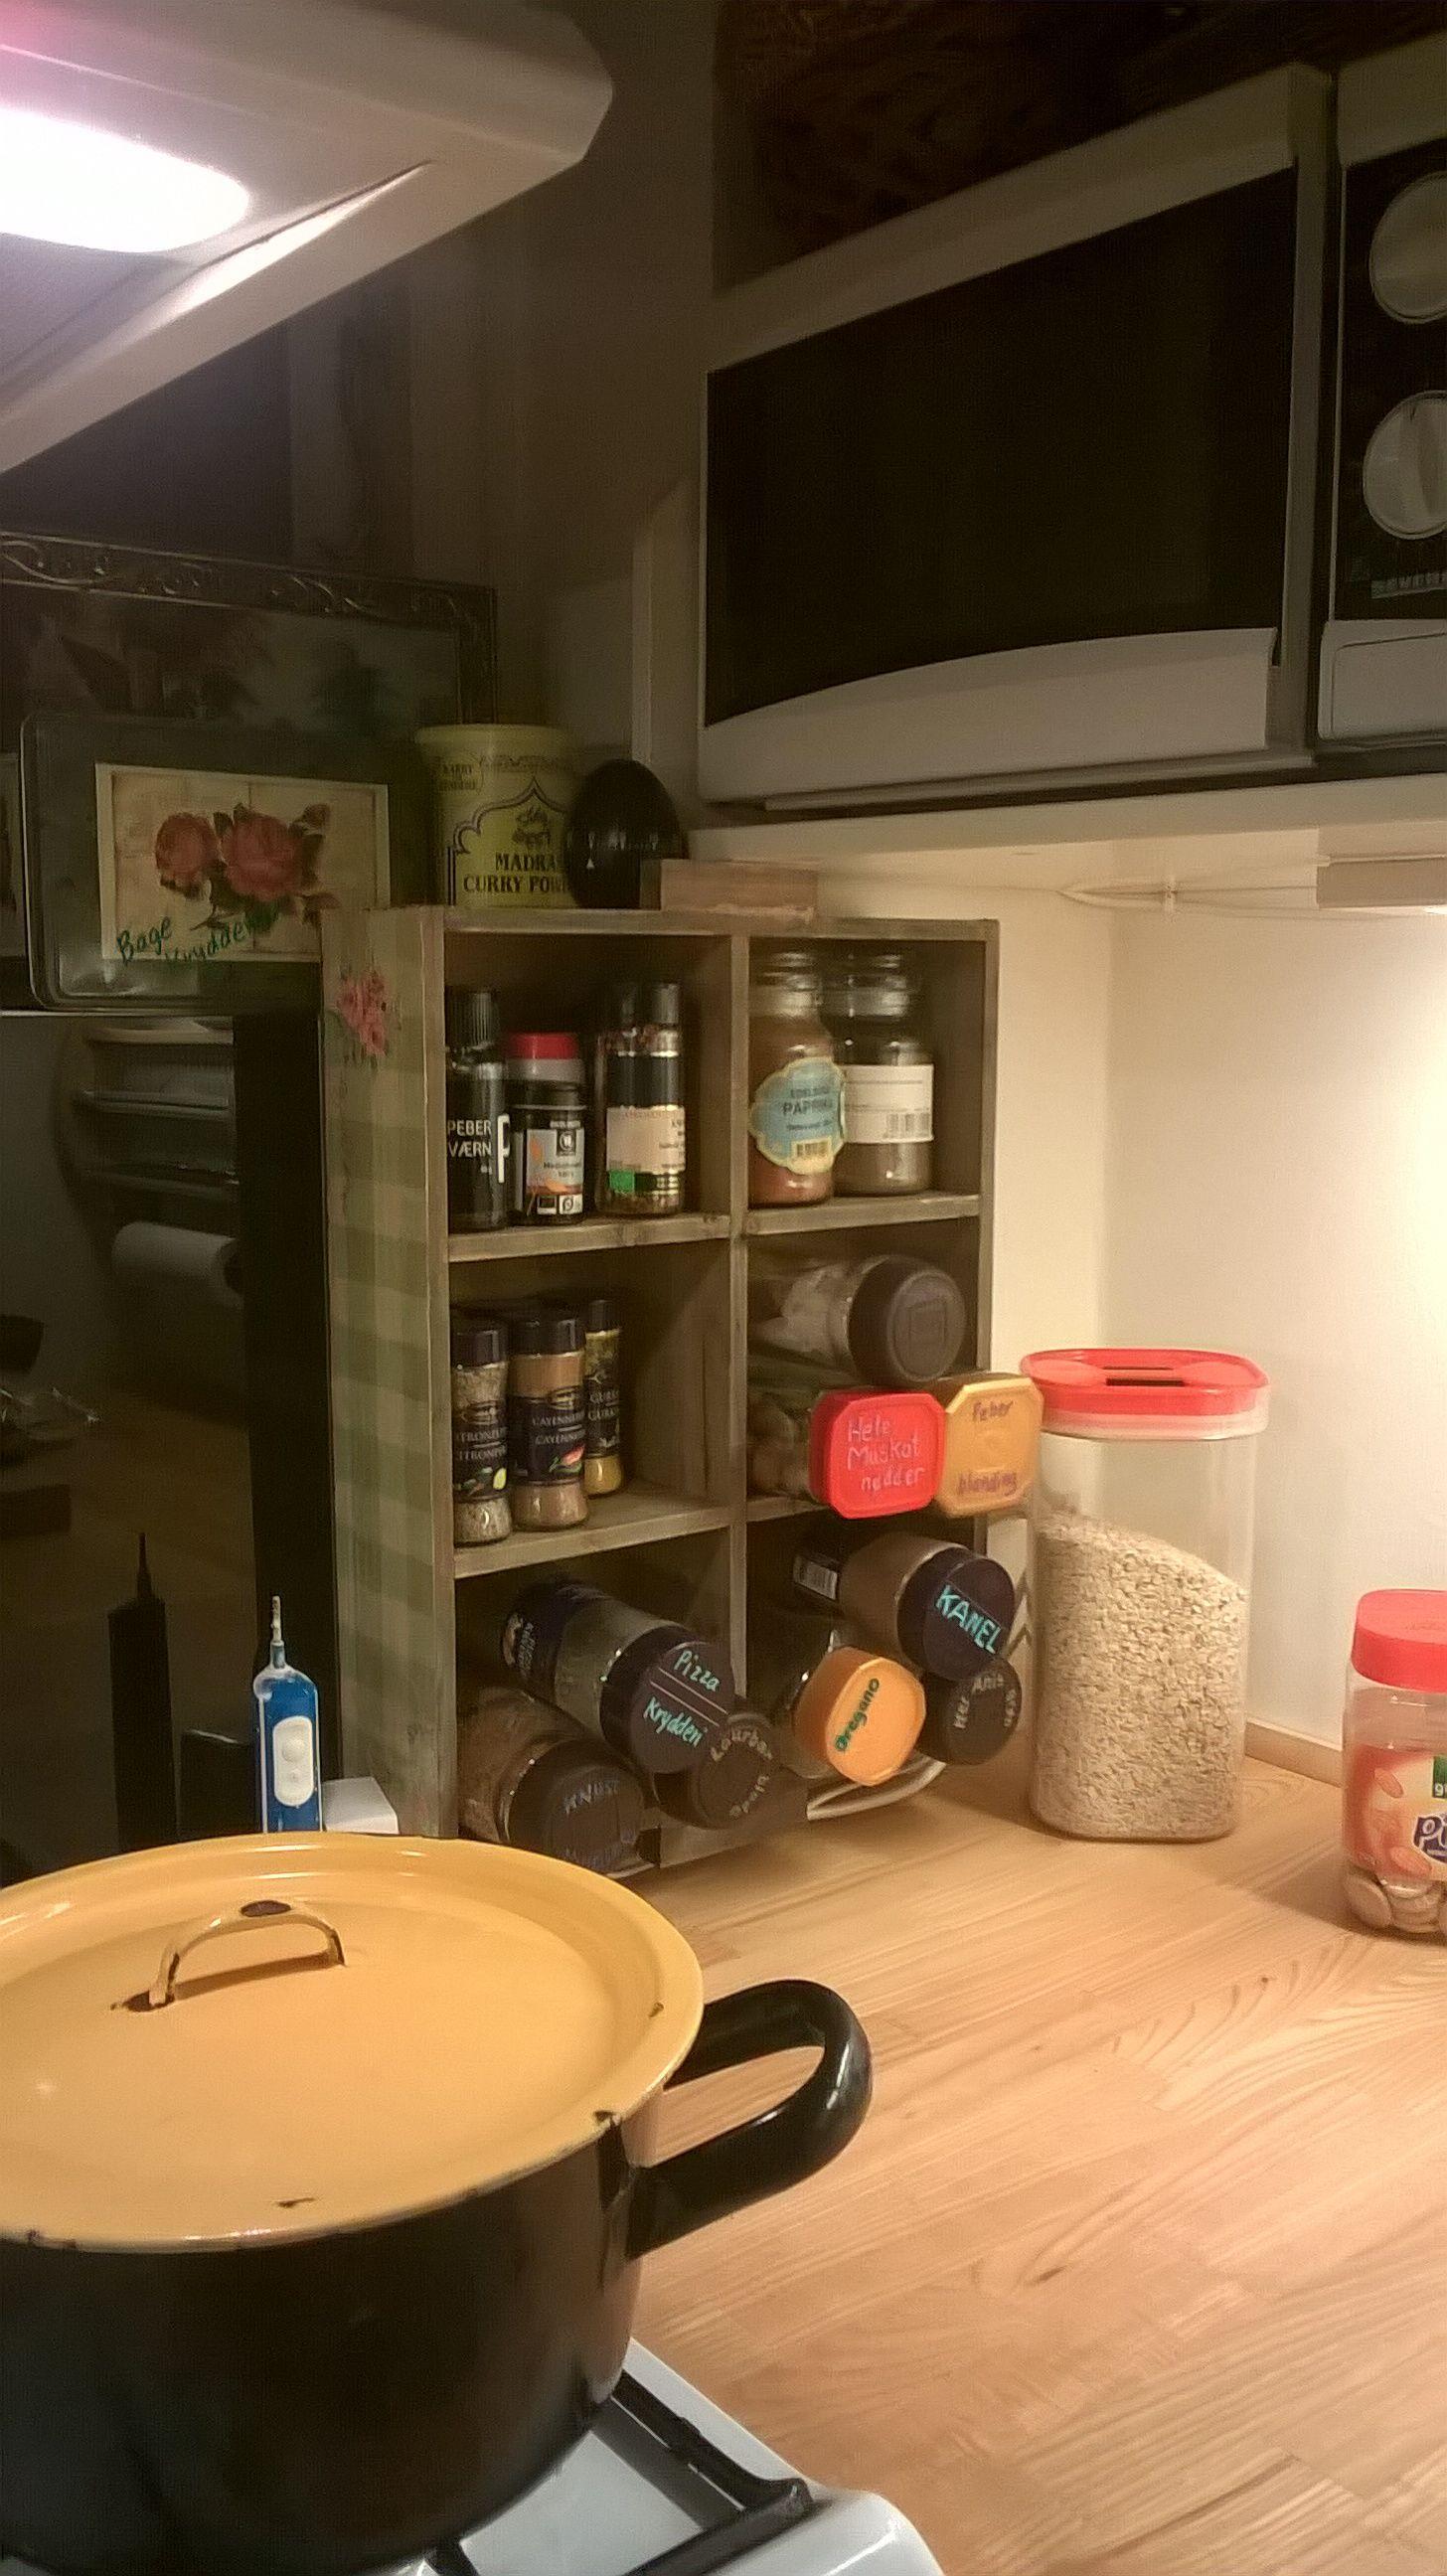 Bedre plads til krydderierne. Brug instantkaffe-beholdere, rengør glassene og de er klar til at krydderierne kan puttes i. Skriv navn på låget.